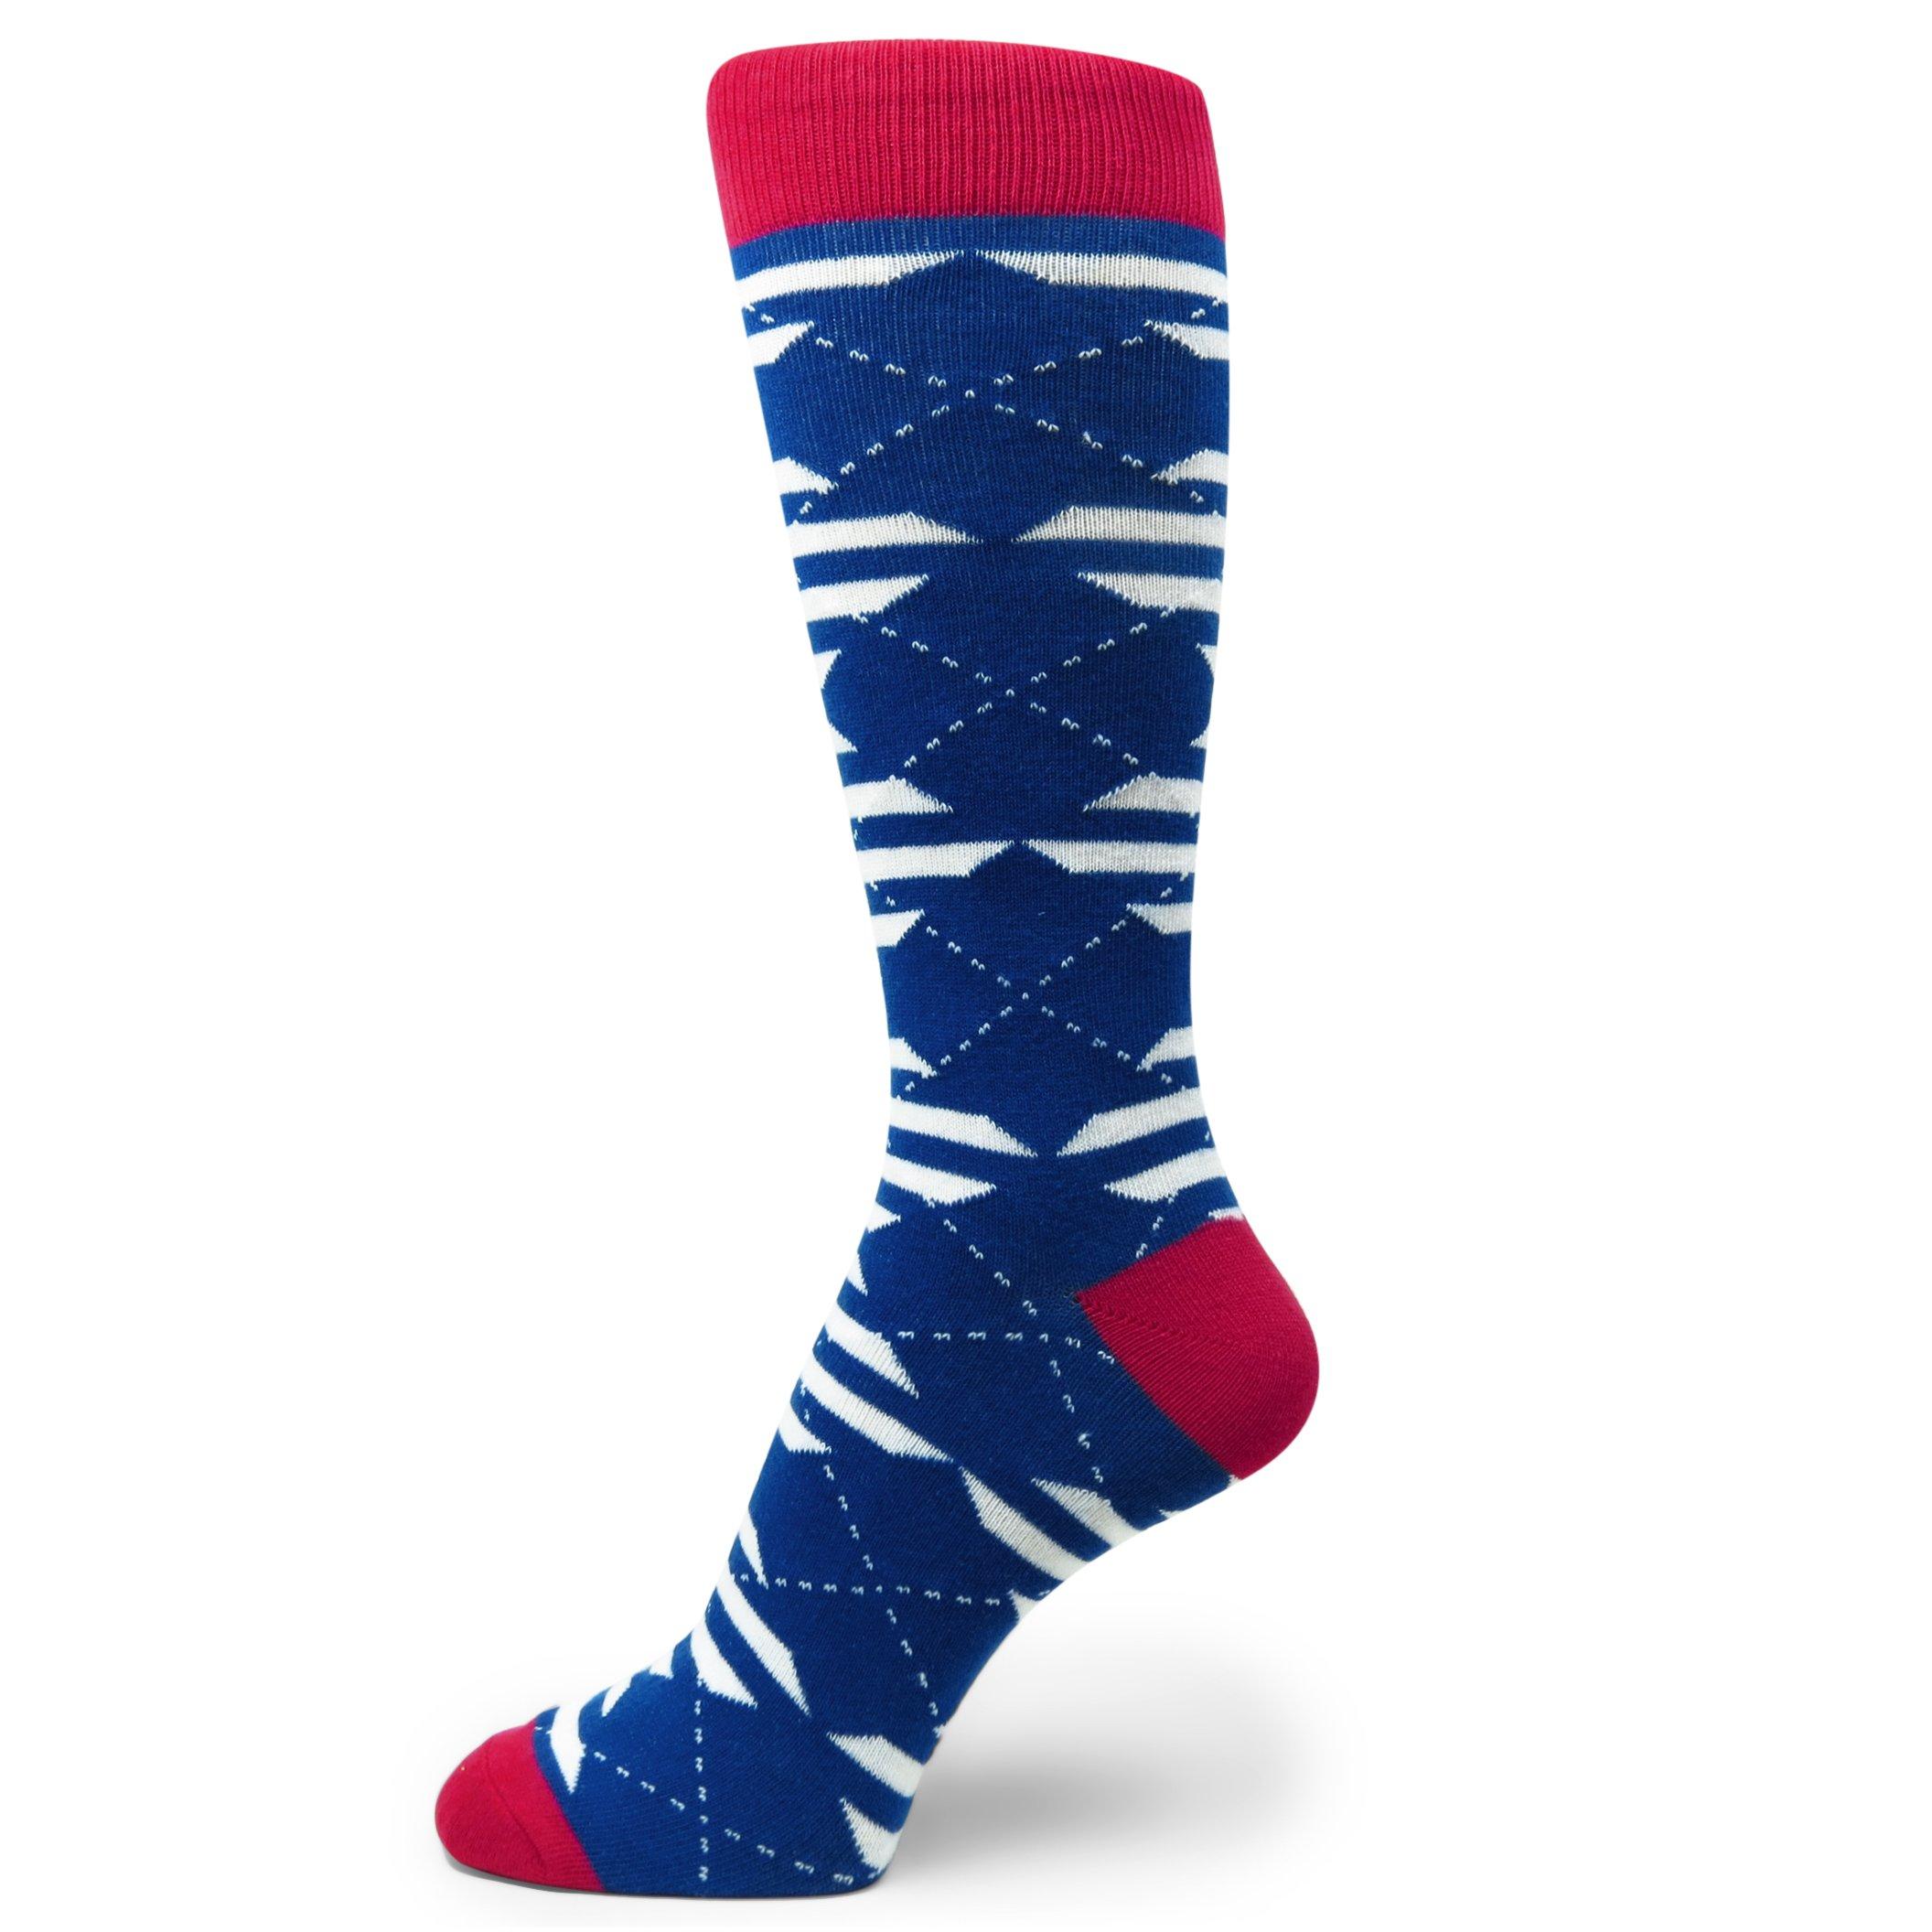 Spotlight Hosiery Men's Groomsmen Wedding Argyle Dress Socks-Royal Blue/White/Red